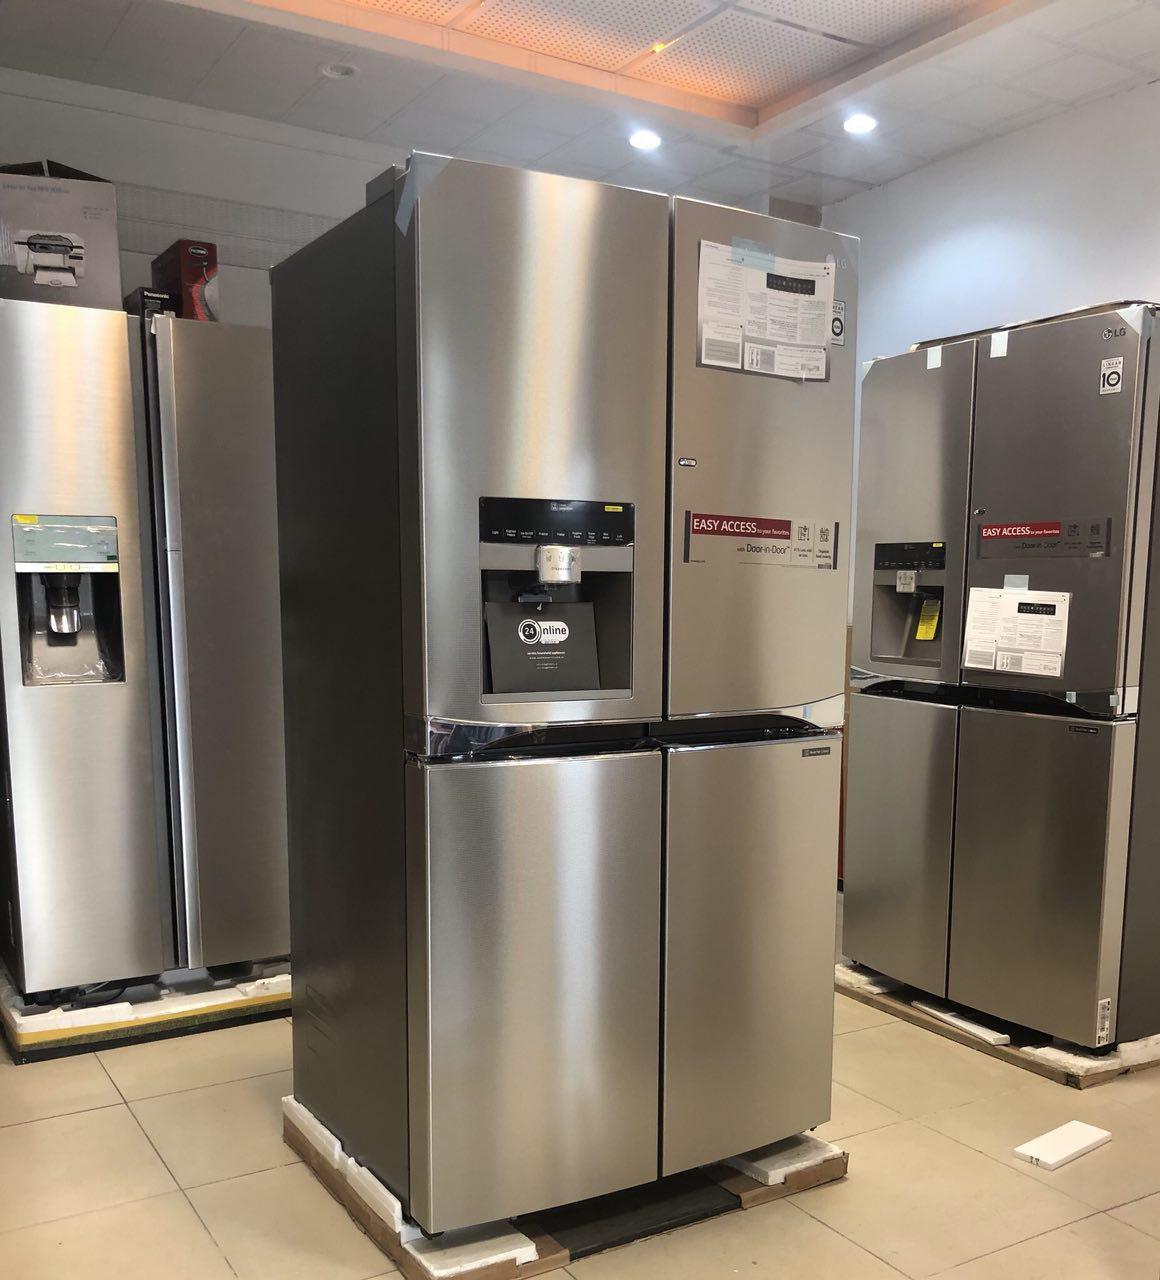 انواع یخچال فریزر های خارجی بدون ضمانت